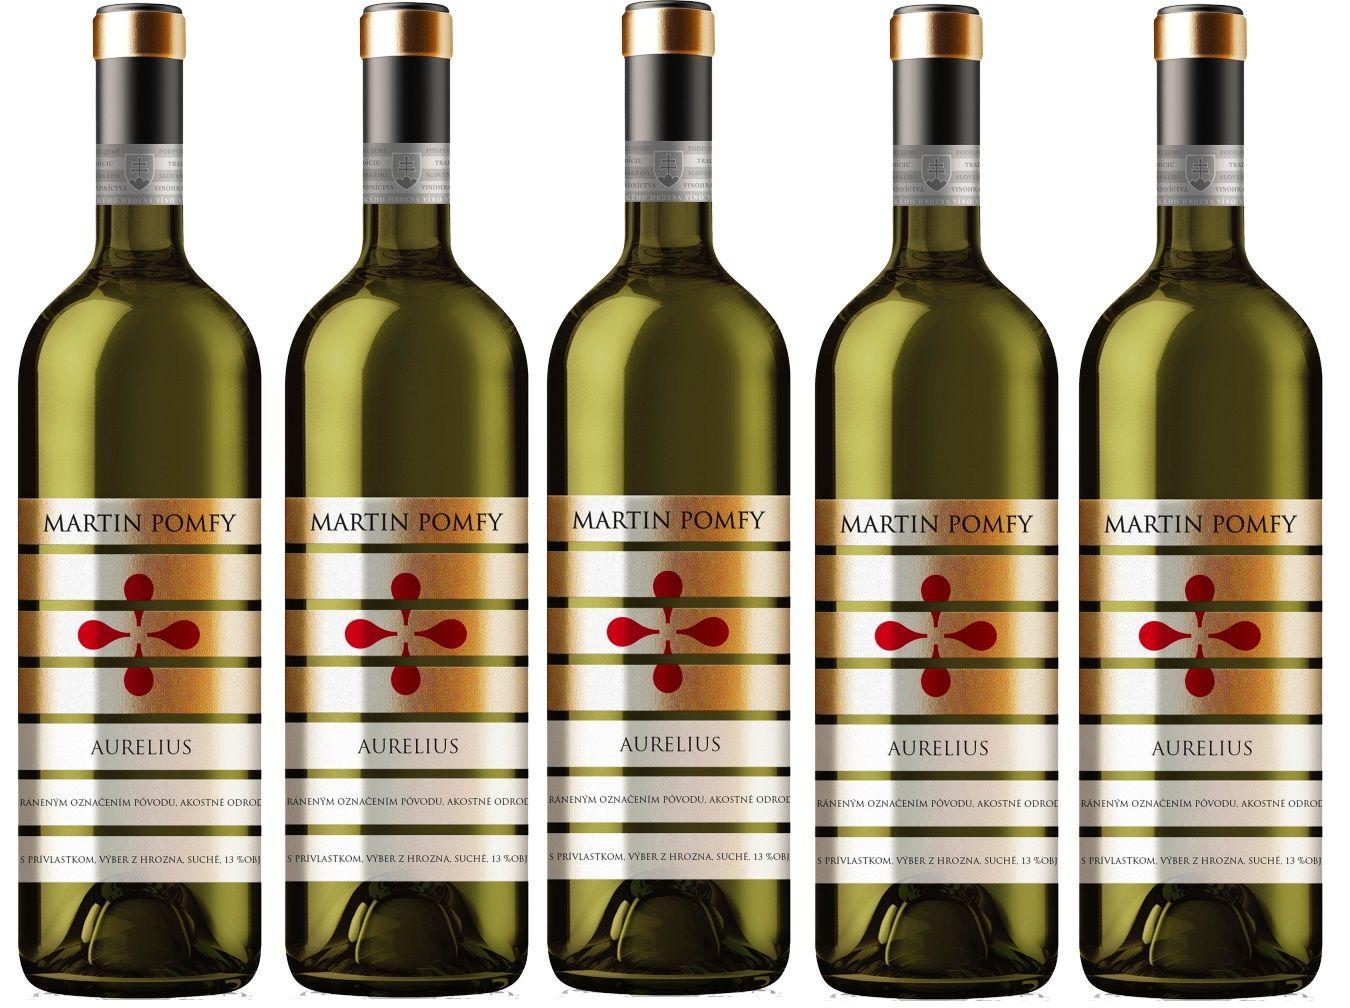 NOVINKA z vinárstva MAVÍN - Martin Pomfy Aurelius 2015 VZH  nájdete v našej ponuke - www.vinopredaj.sk  Farba vína je zlatistá so zelenými odleskmi.Novlesná vôňa vína je planá prezretých egrešov, broskýň, lúčnych kvietkov biliniek a sušených marhúľ  Bohatá chuť vína je šťavnatá a jemne pikantná. Nájdete tu jemné kiwi spolu s mangom a lúpanými citrusmi  #aurelius #mavin #martinpomfy #vinosady #vino #wine #wein #slovensko #slovak #slovakia #inmedio #wineshop #vinoteka #vinaren #deli #delishop…